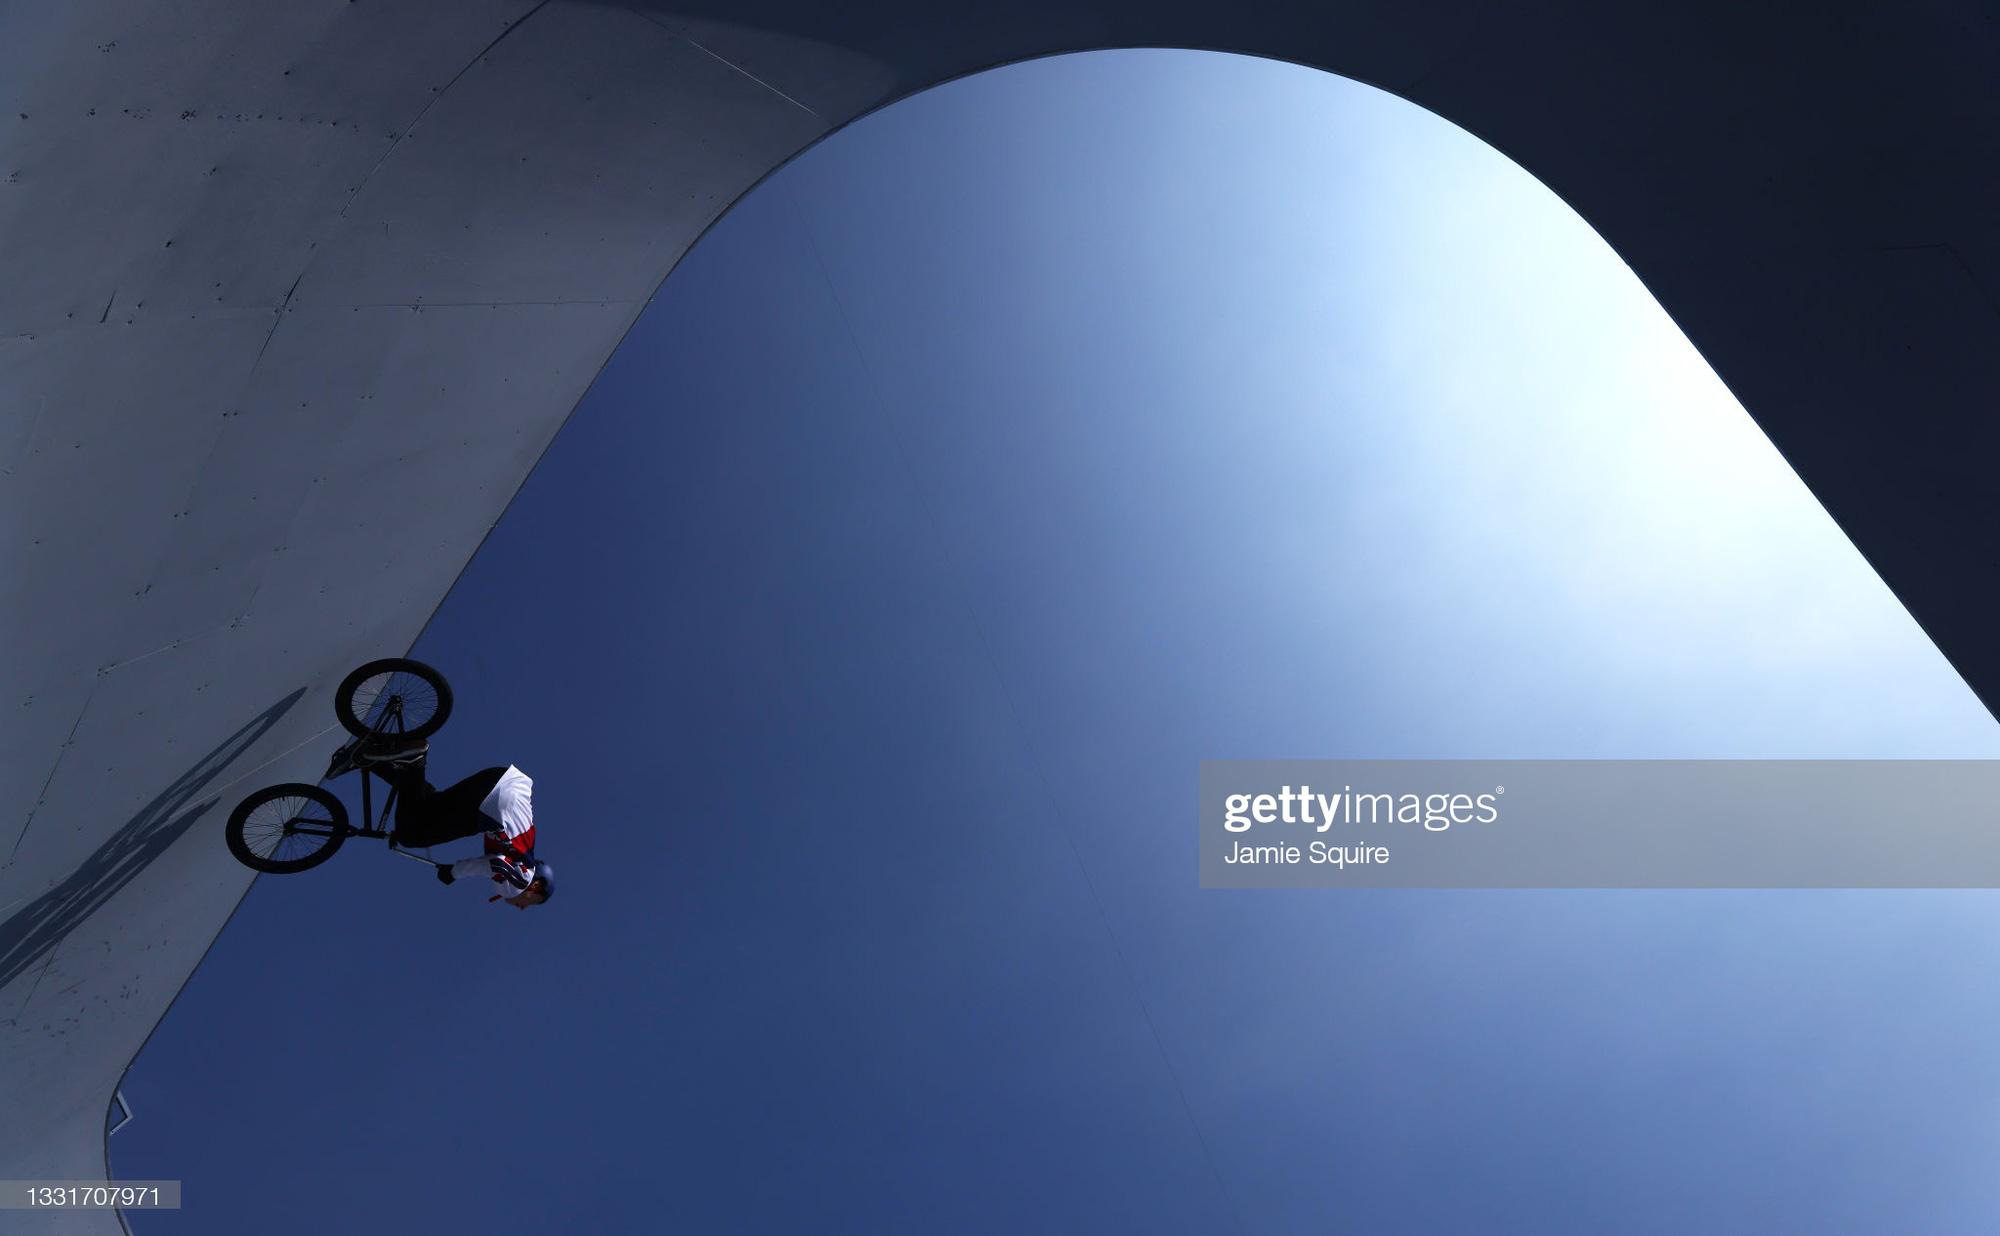 Những góc ảnh đẹp ngỡ ngàng ở Olympic Tokyo 2020 - Ảnh 4.